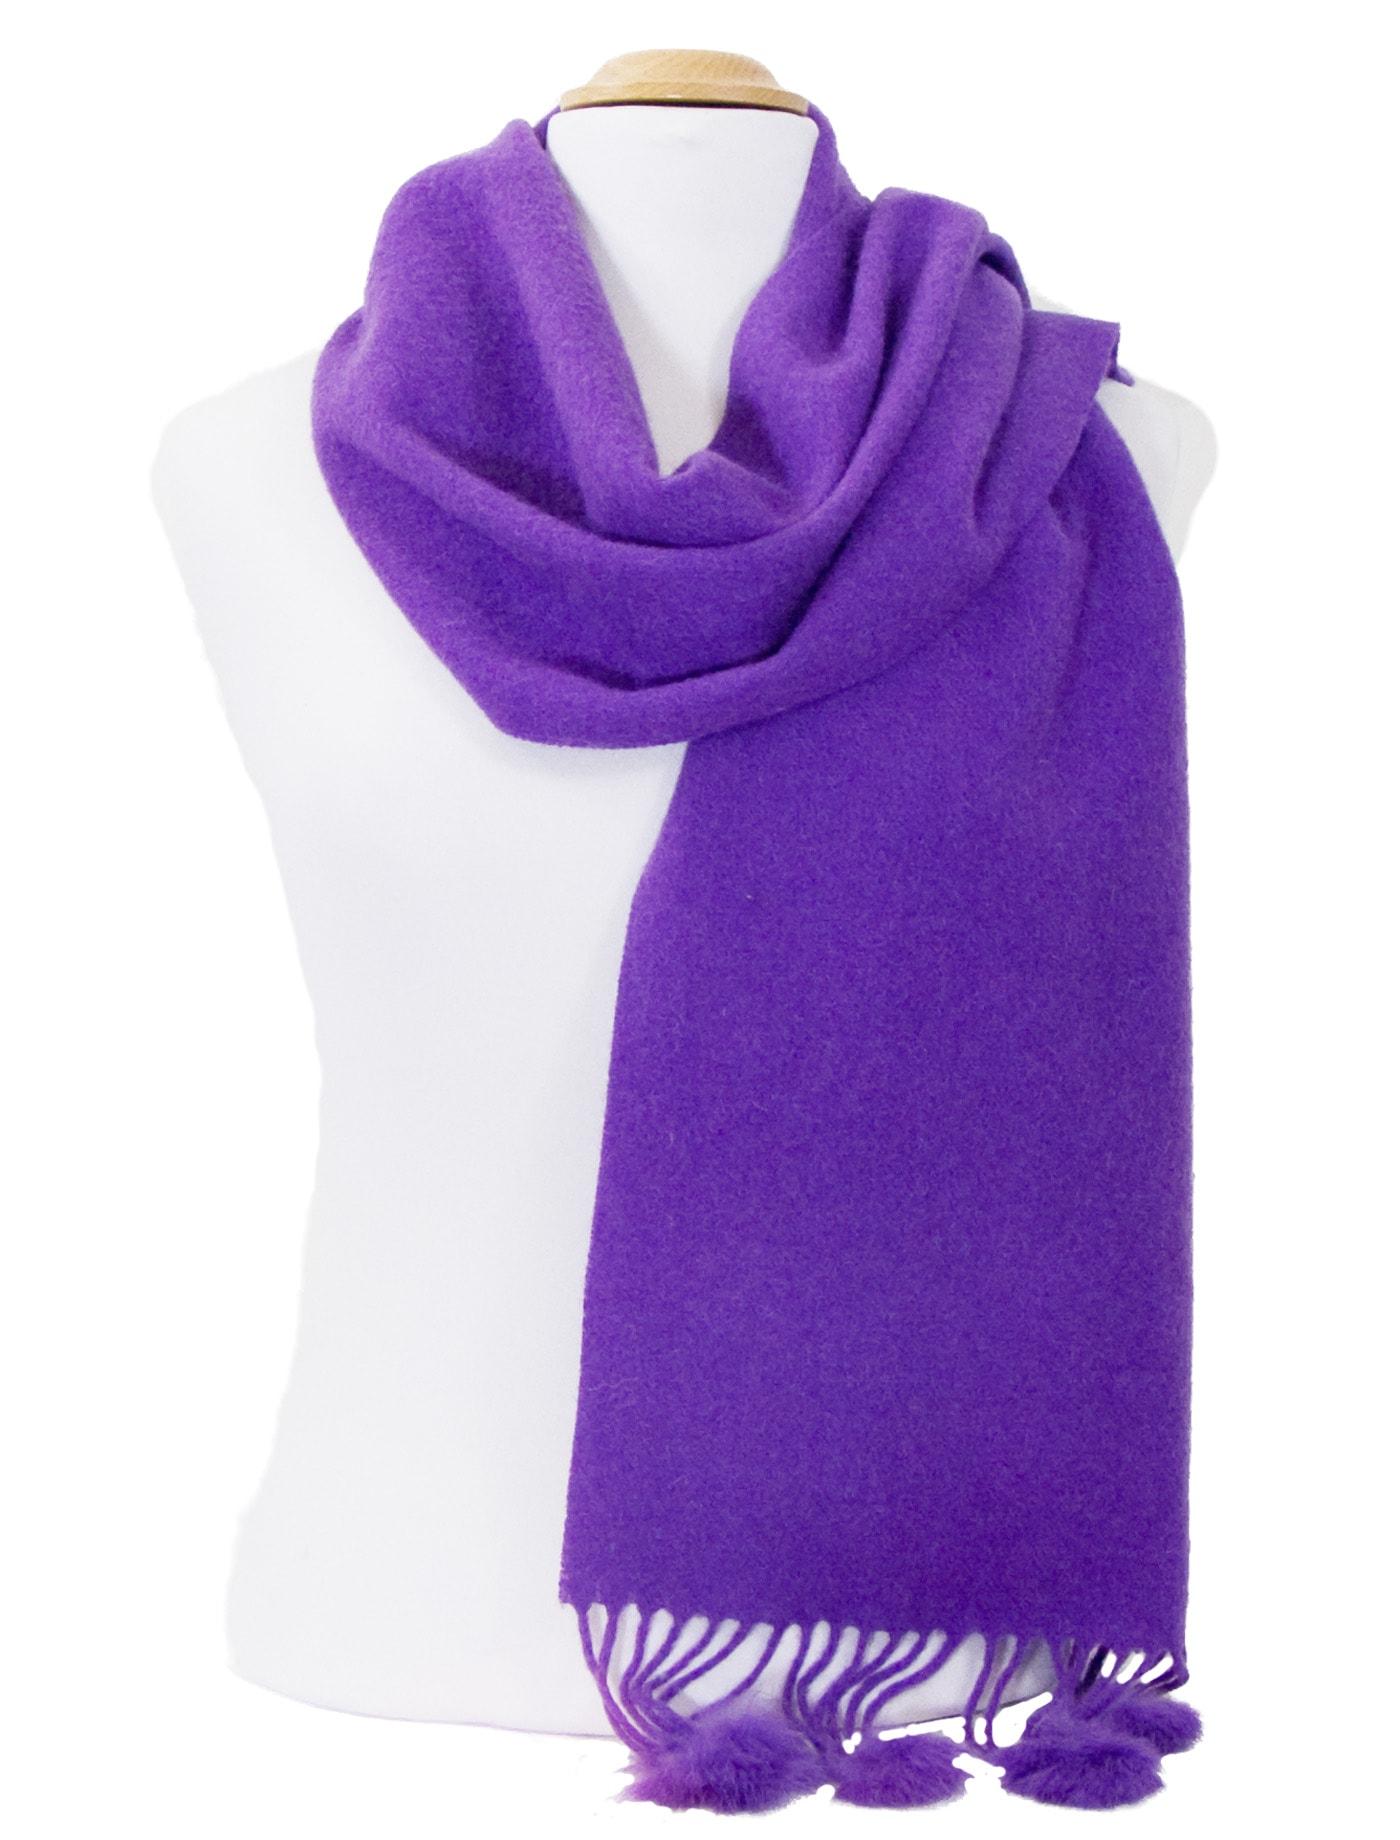 08881795e005 Couleur - Echarpe violette - Mes Echarpes